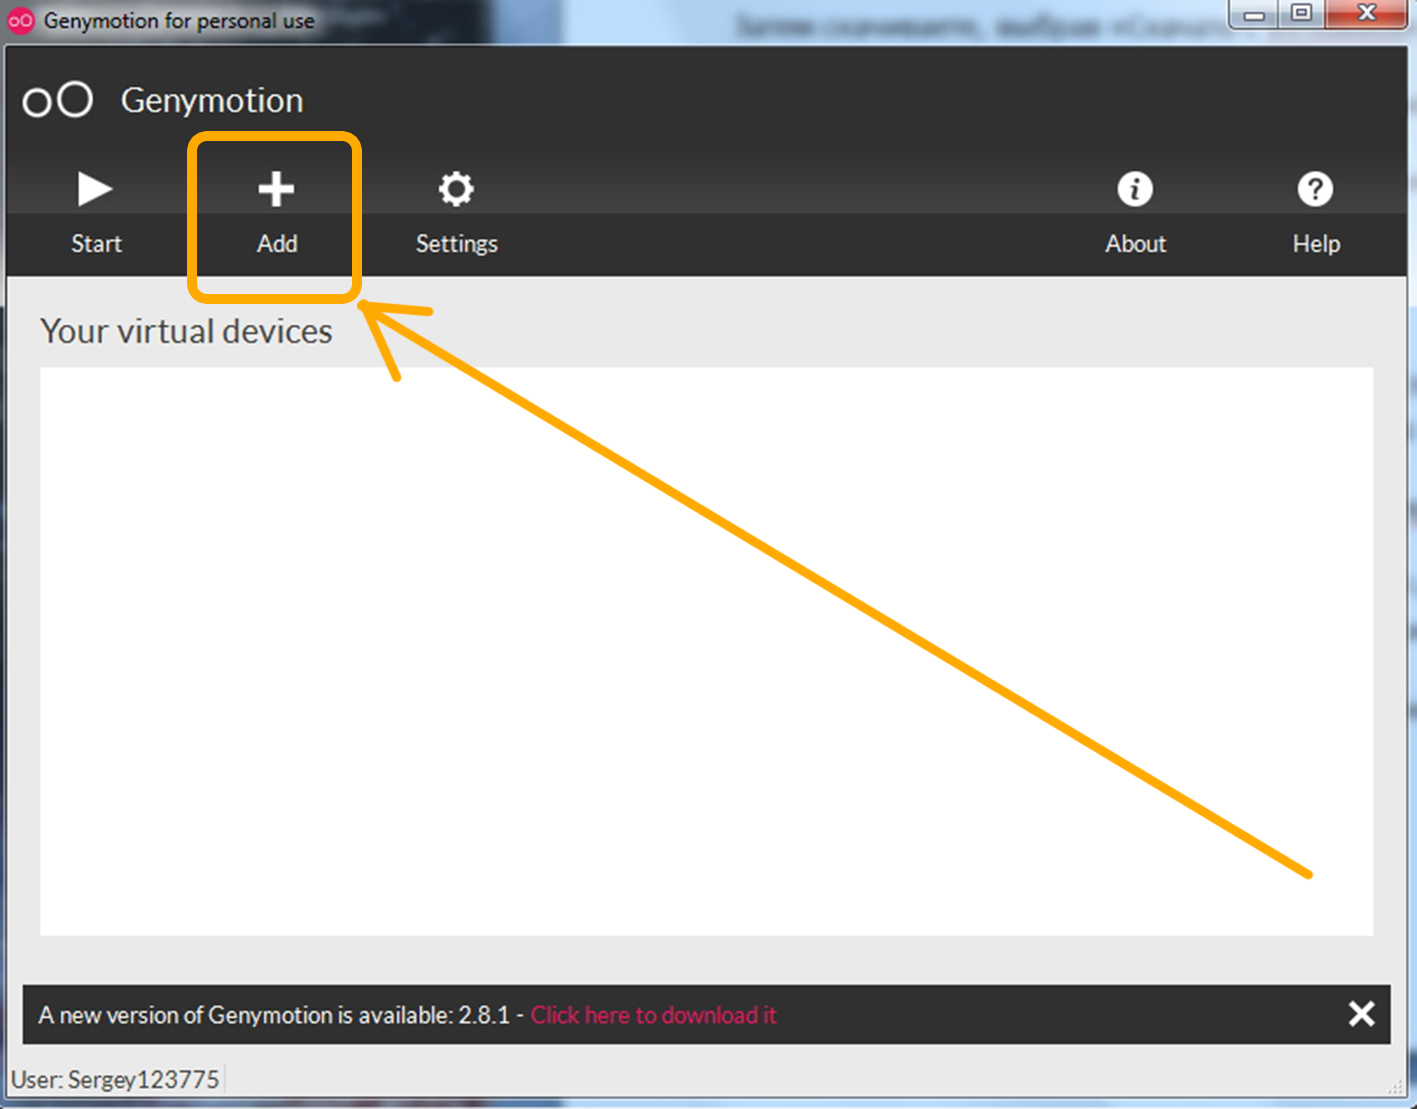 Первичное окно, которое появляется при запуске Genymotion, предназначенное для выбора и установки виртуального устройства на эмулятор.